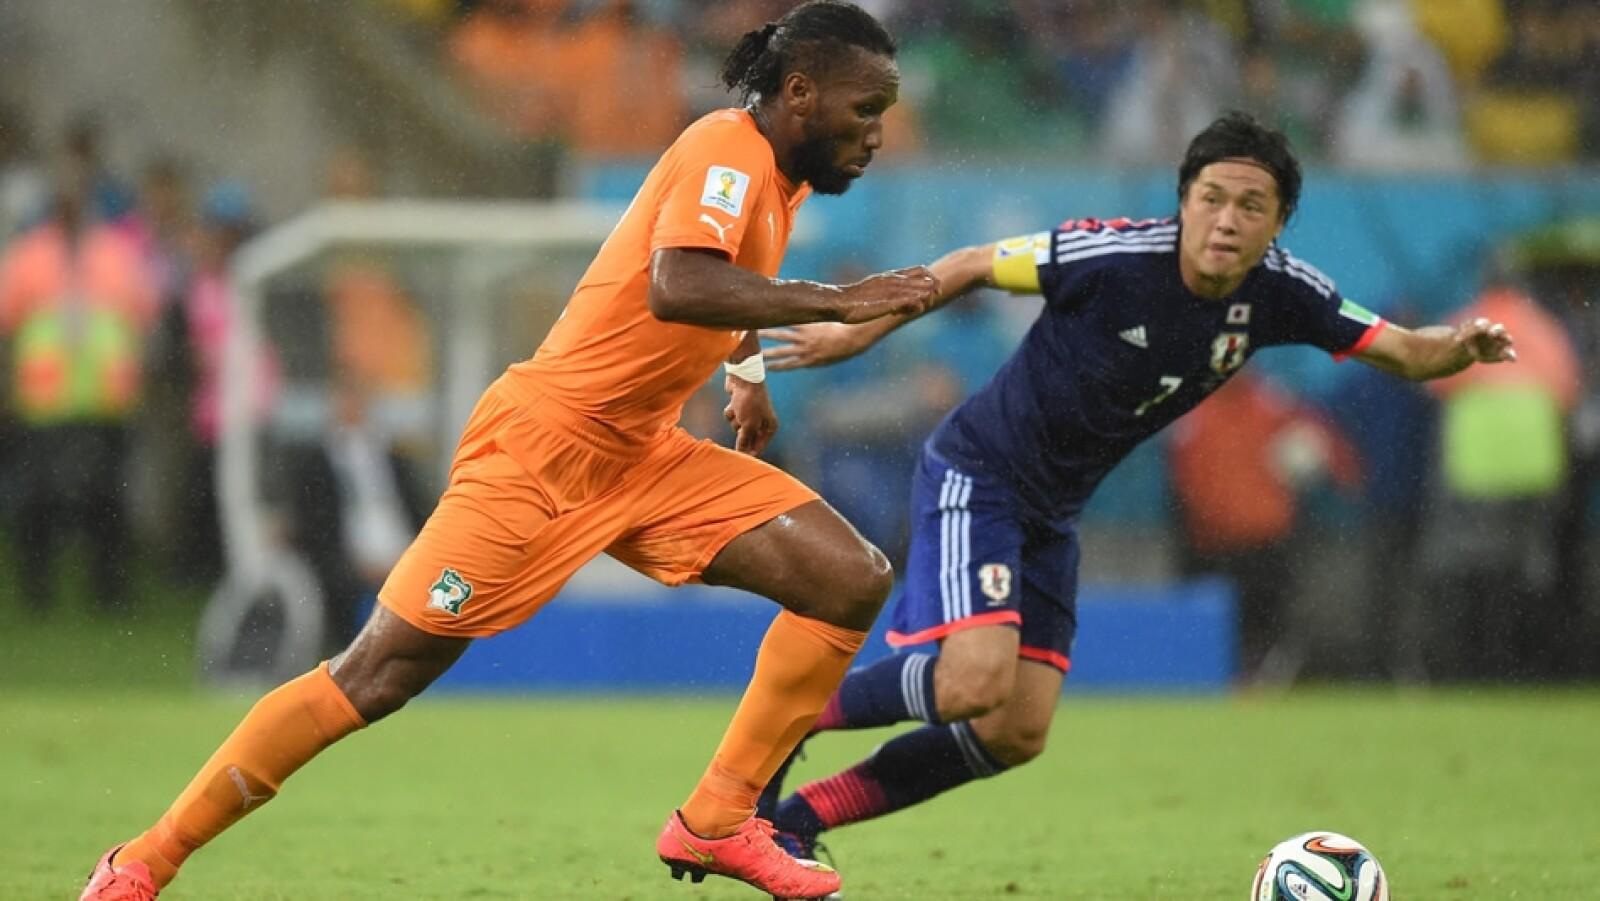 El capitán de Costa de Marfil, Didier Drogba, se echó el equipo a los hombros y pudo conducir a su selección a una remontada ante Japón